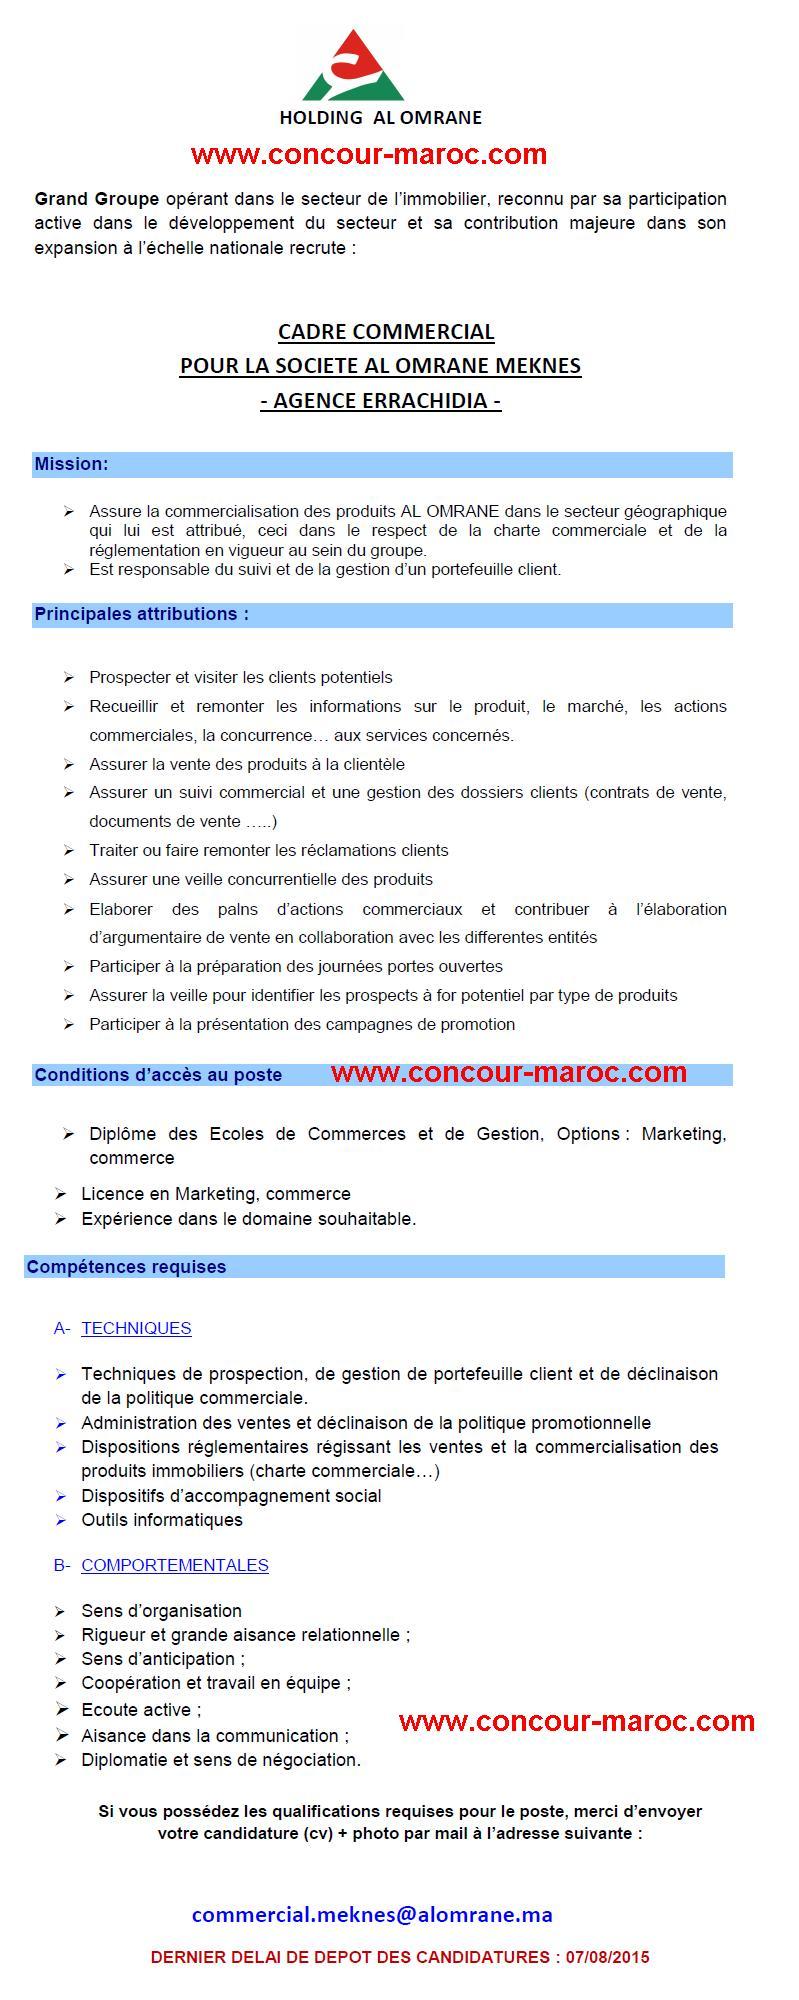 مجموعة التهيئة العمران : مباراة لتوظيف اطار تجاري مكناس وكالة الراشدية (1 منصب) آخر أجل لإيداع الترشيحات 7 غشت 2015 Conco107